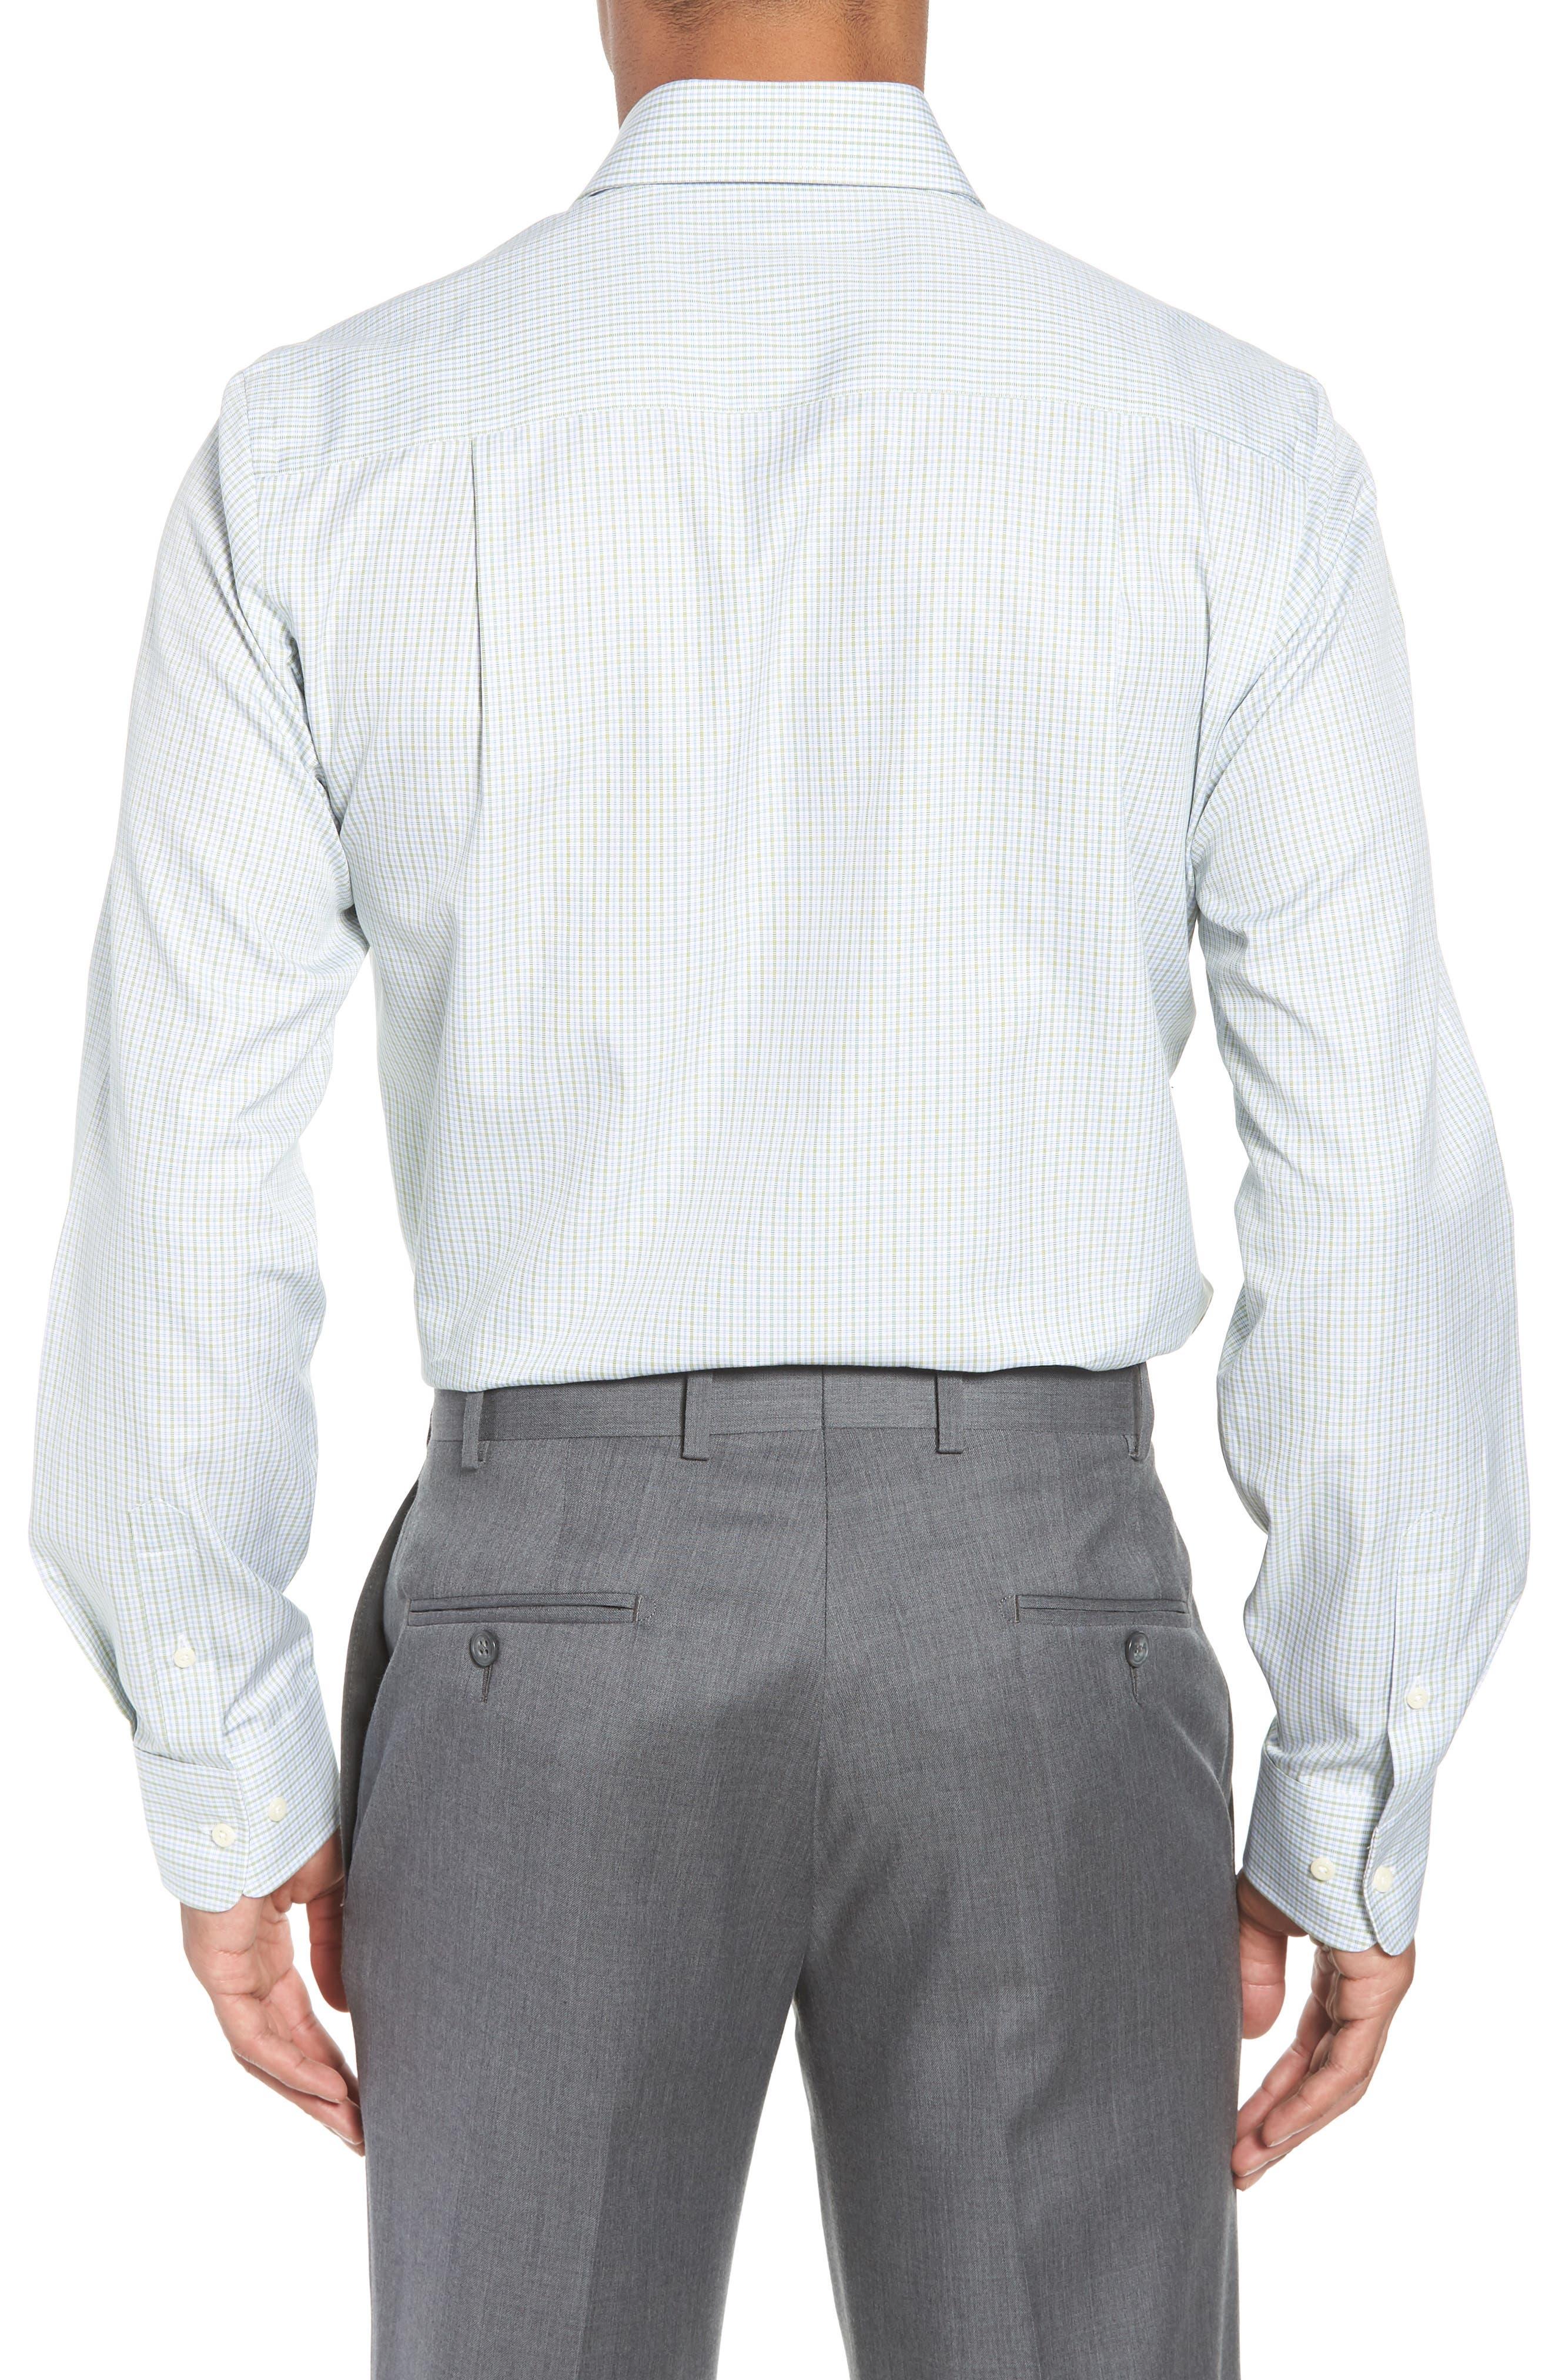 Trim Fit Check Dress Shirt,                             Alternate thumbnail 3, color,                             310